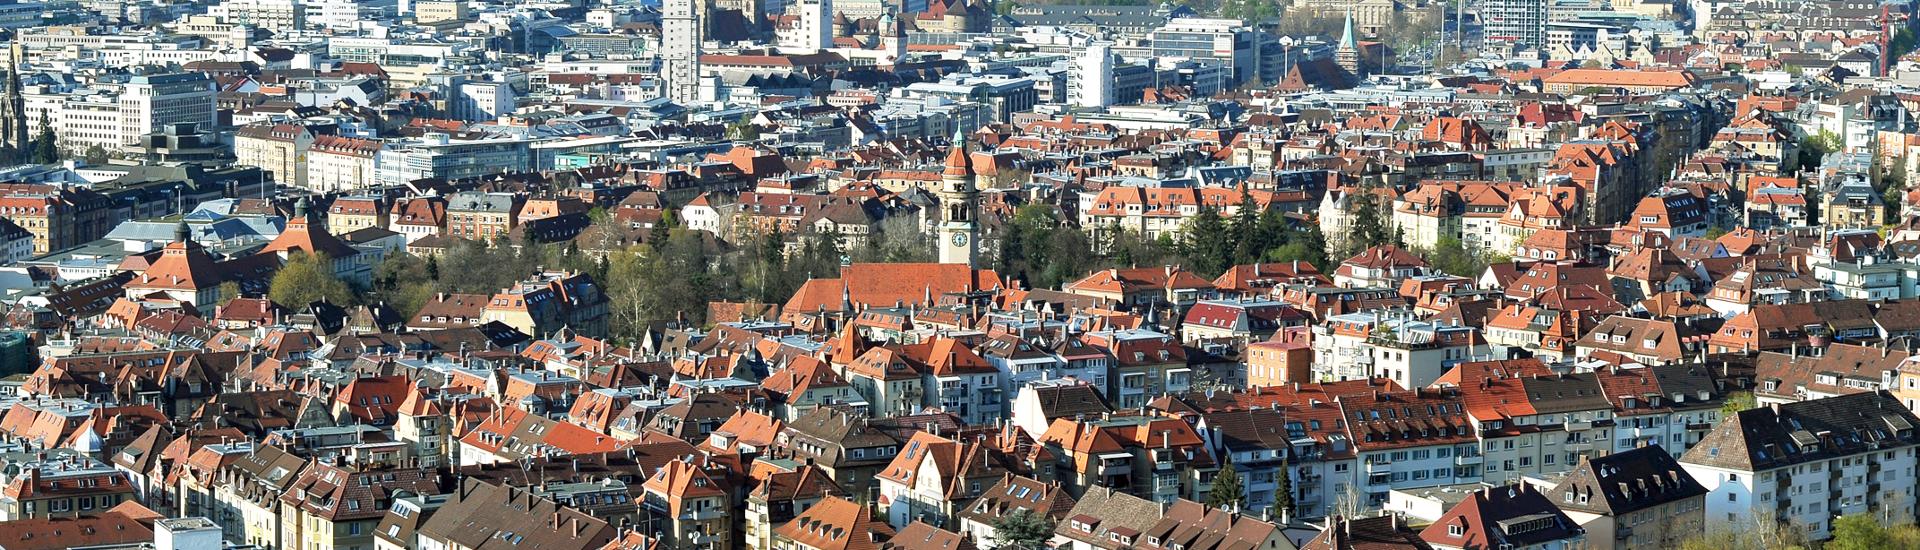 Blick über die Dächer einer Stadt